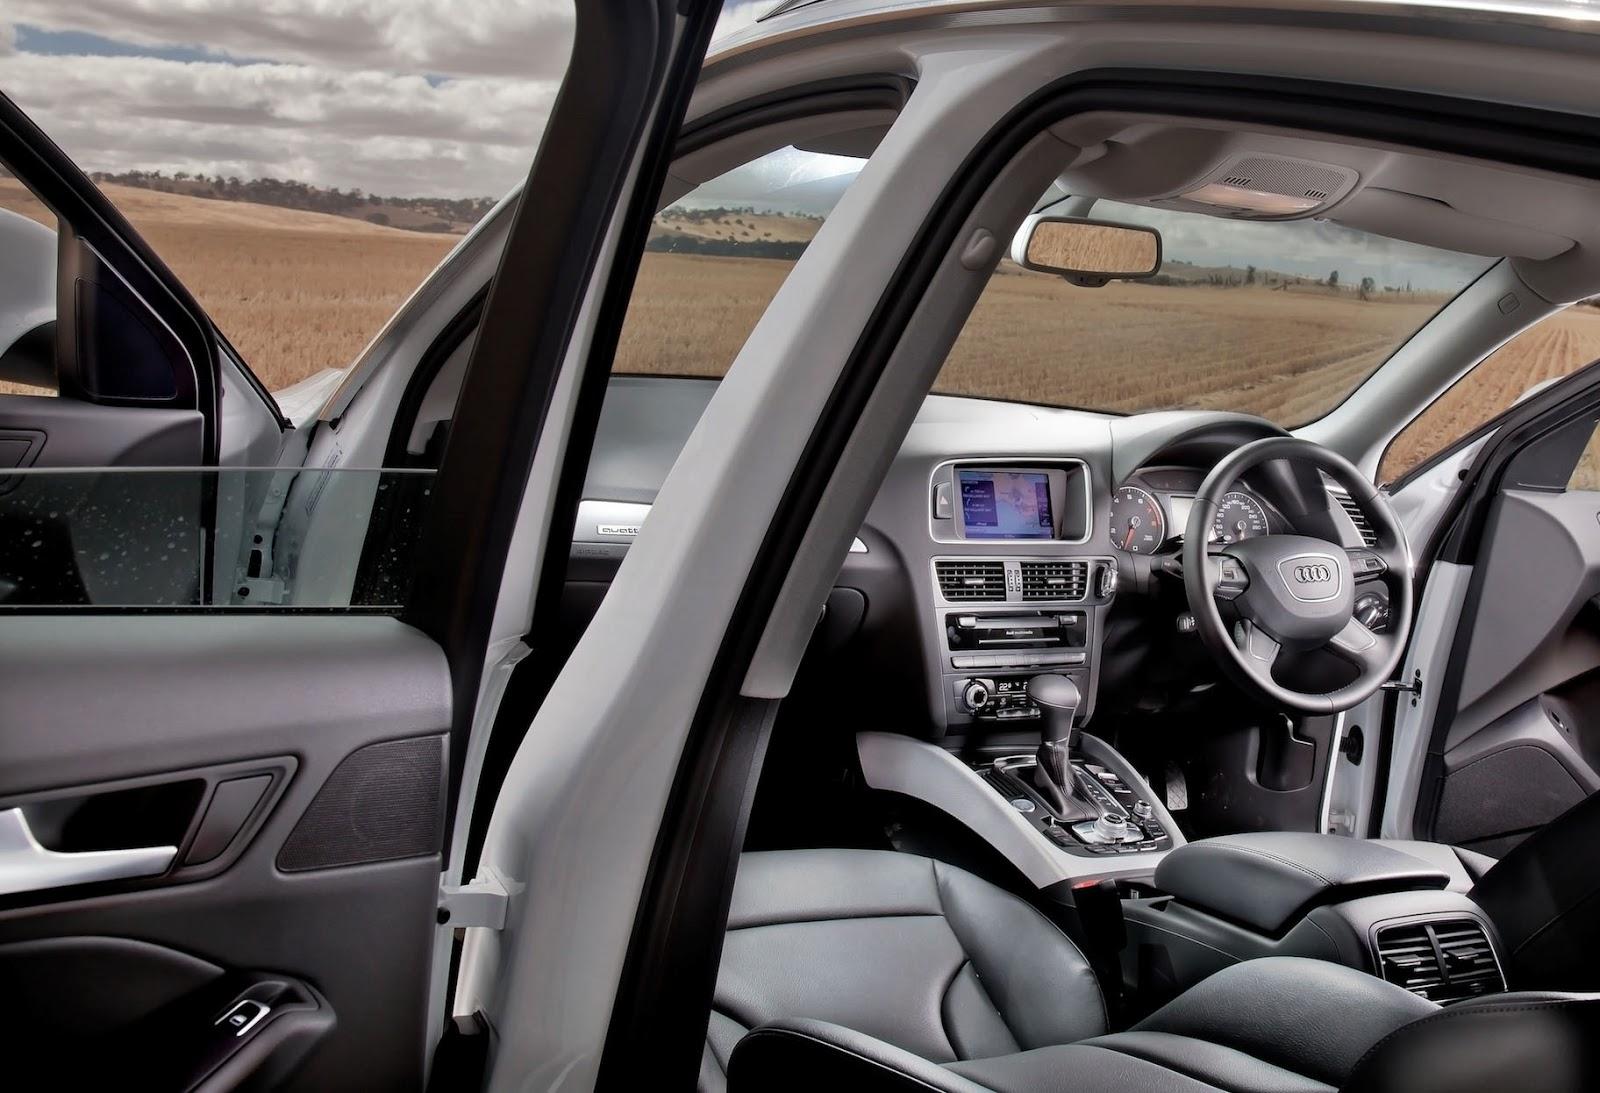 81 Koleksi Gambar Mobil Audi Q5 Gratis